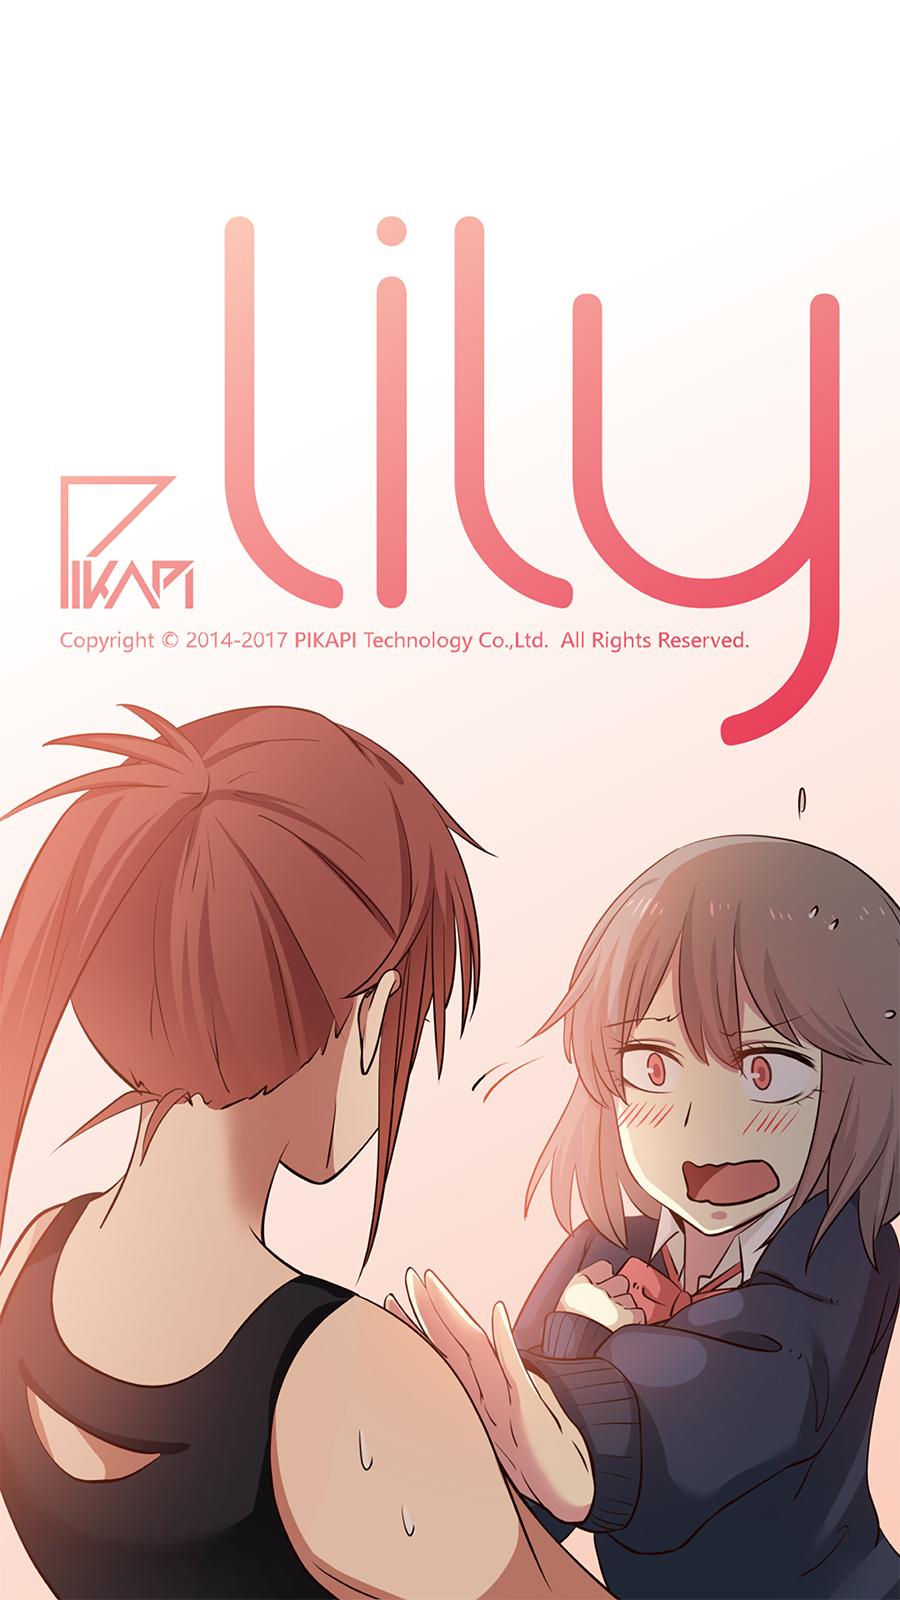 Lily saison 1 ch89 en-tete